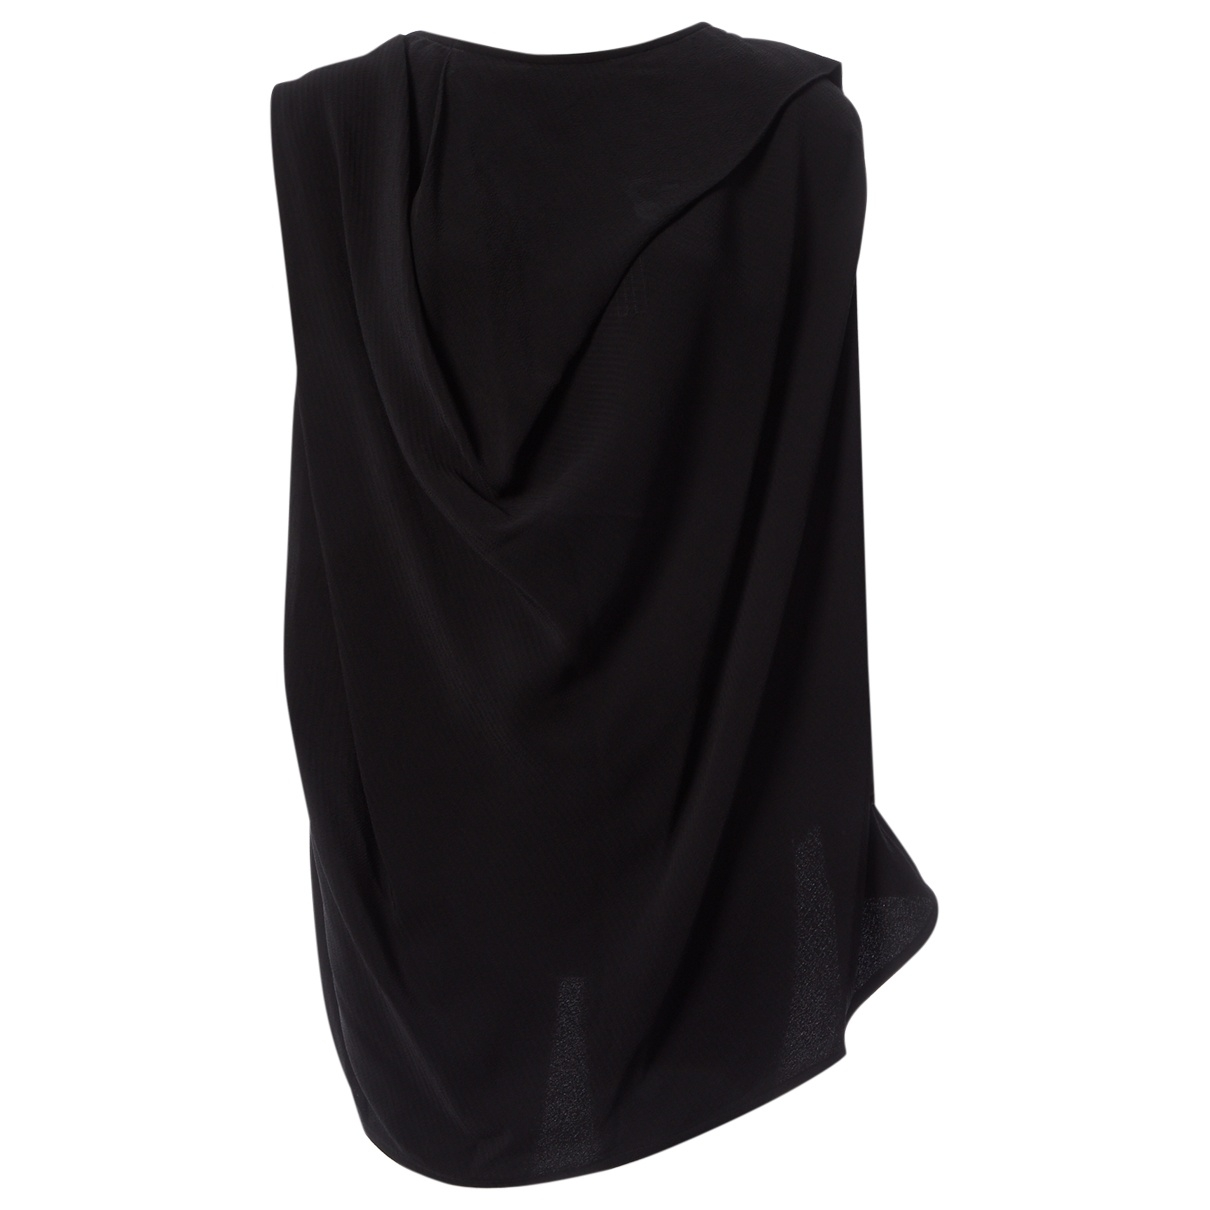 Rick Owens \N Black dress for Women 40 IT